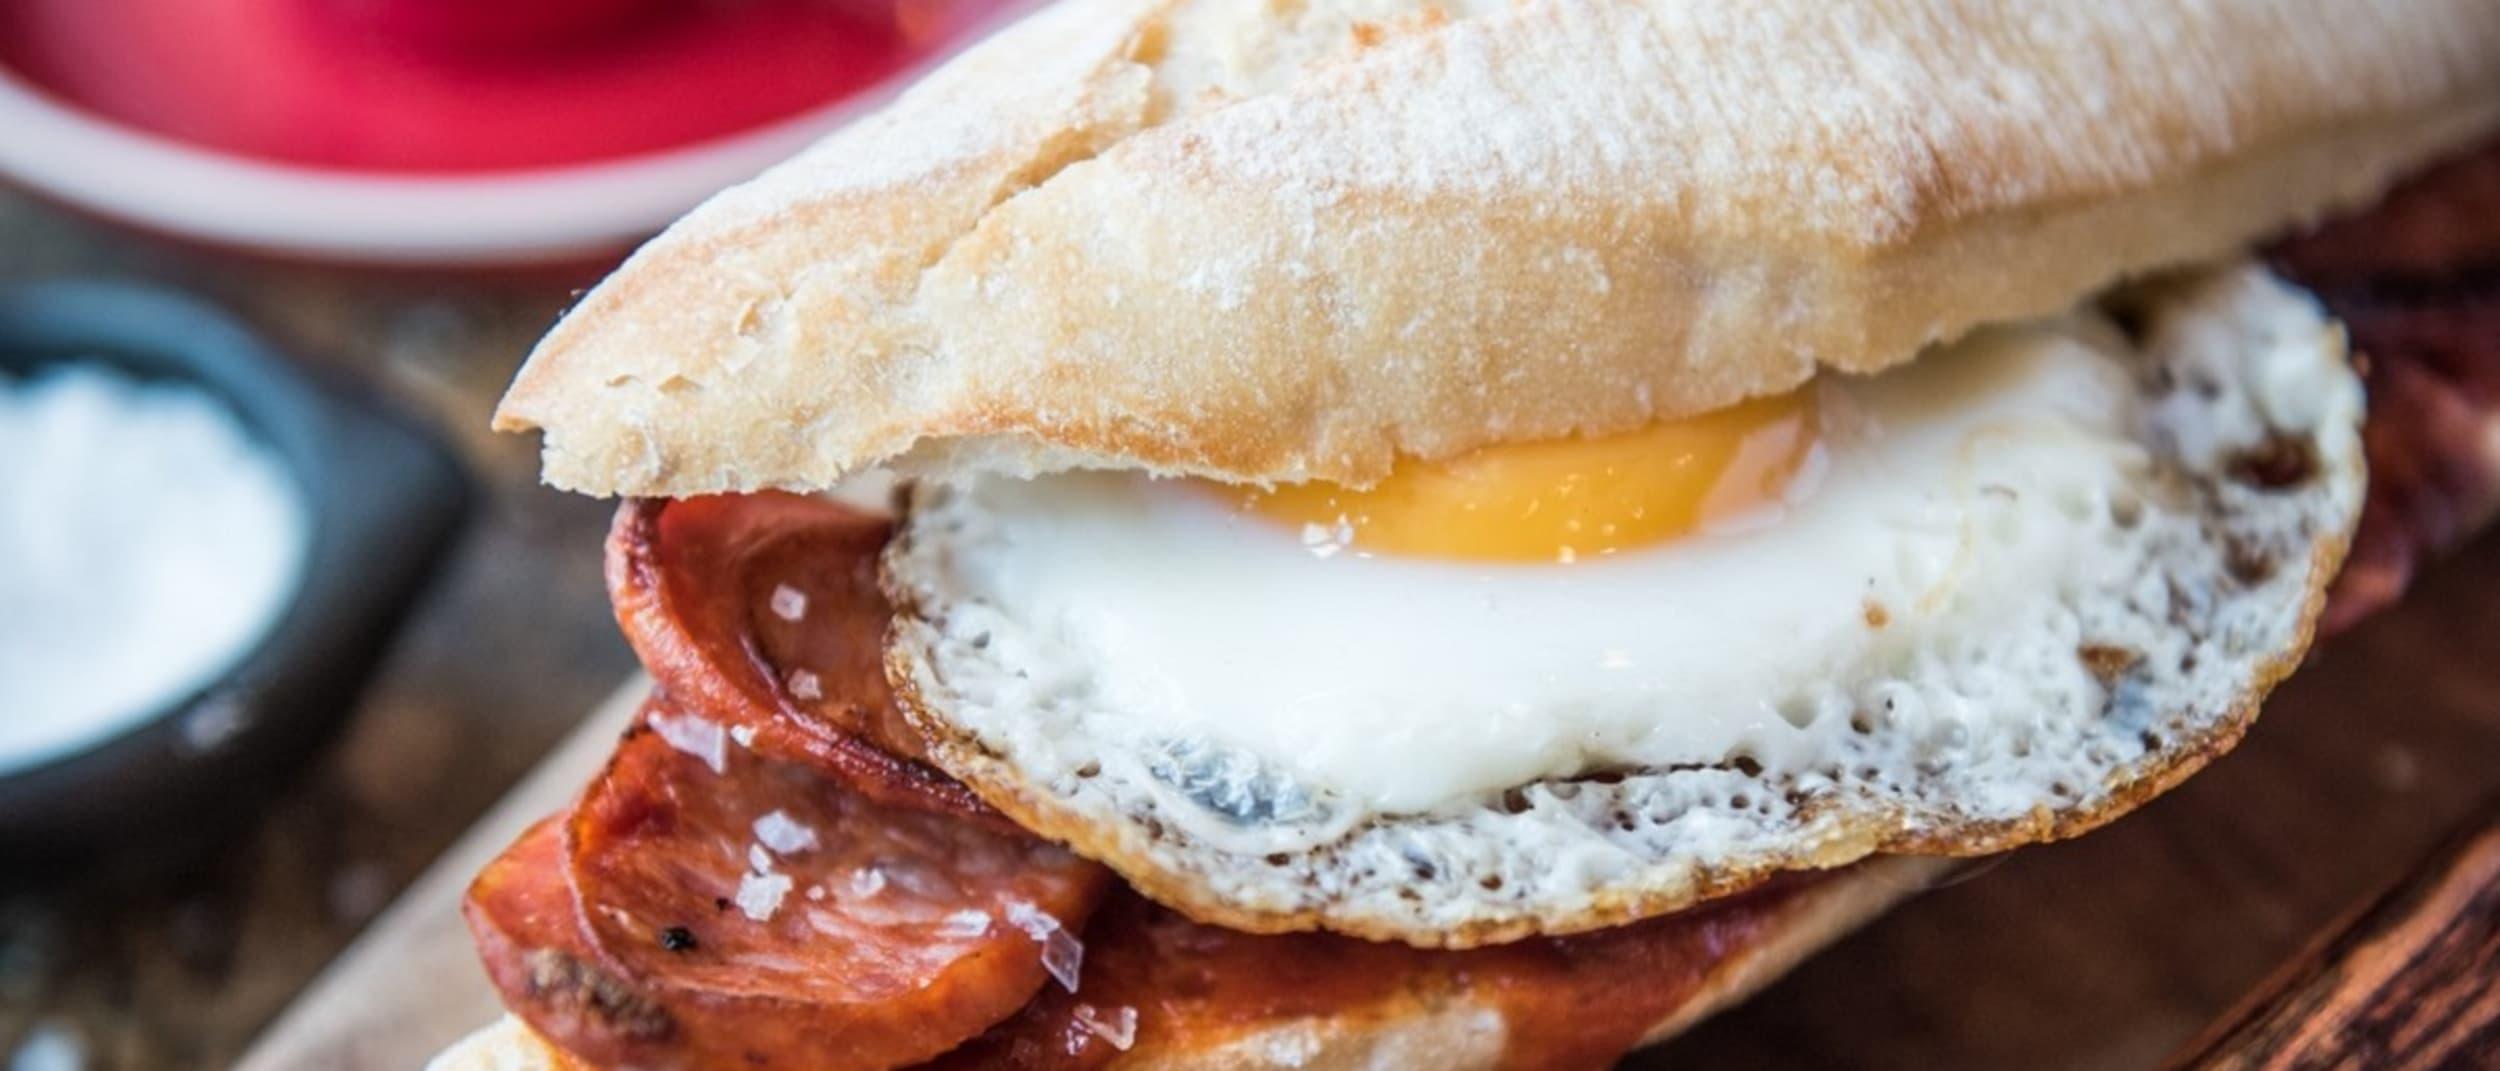 Encasa: Breakfast deal